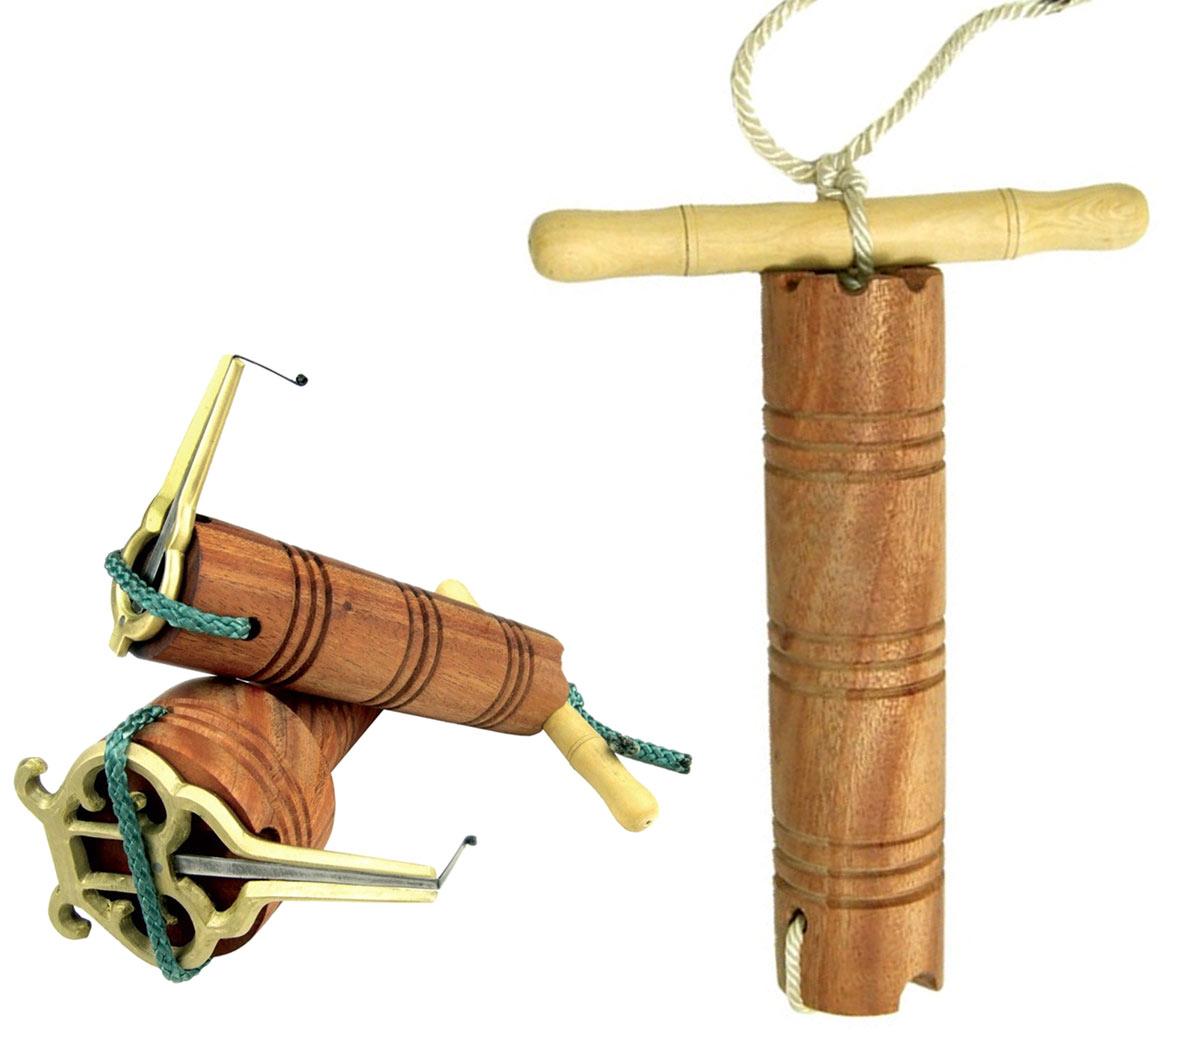 Feinste 3 String Sattelbrücke Gitarren Werkzeuge für Zigarrenkasten